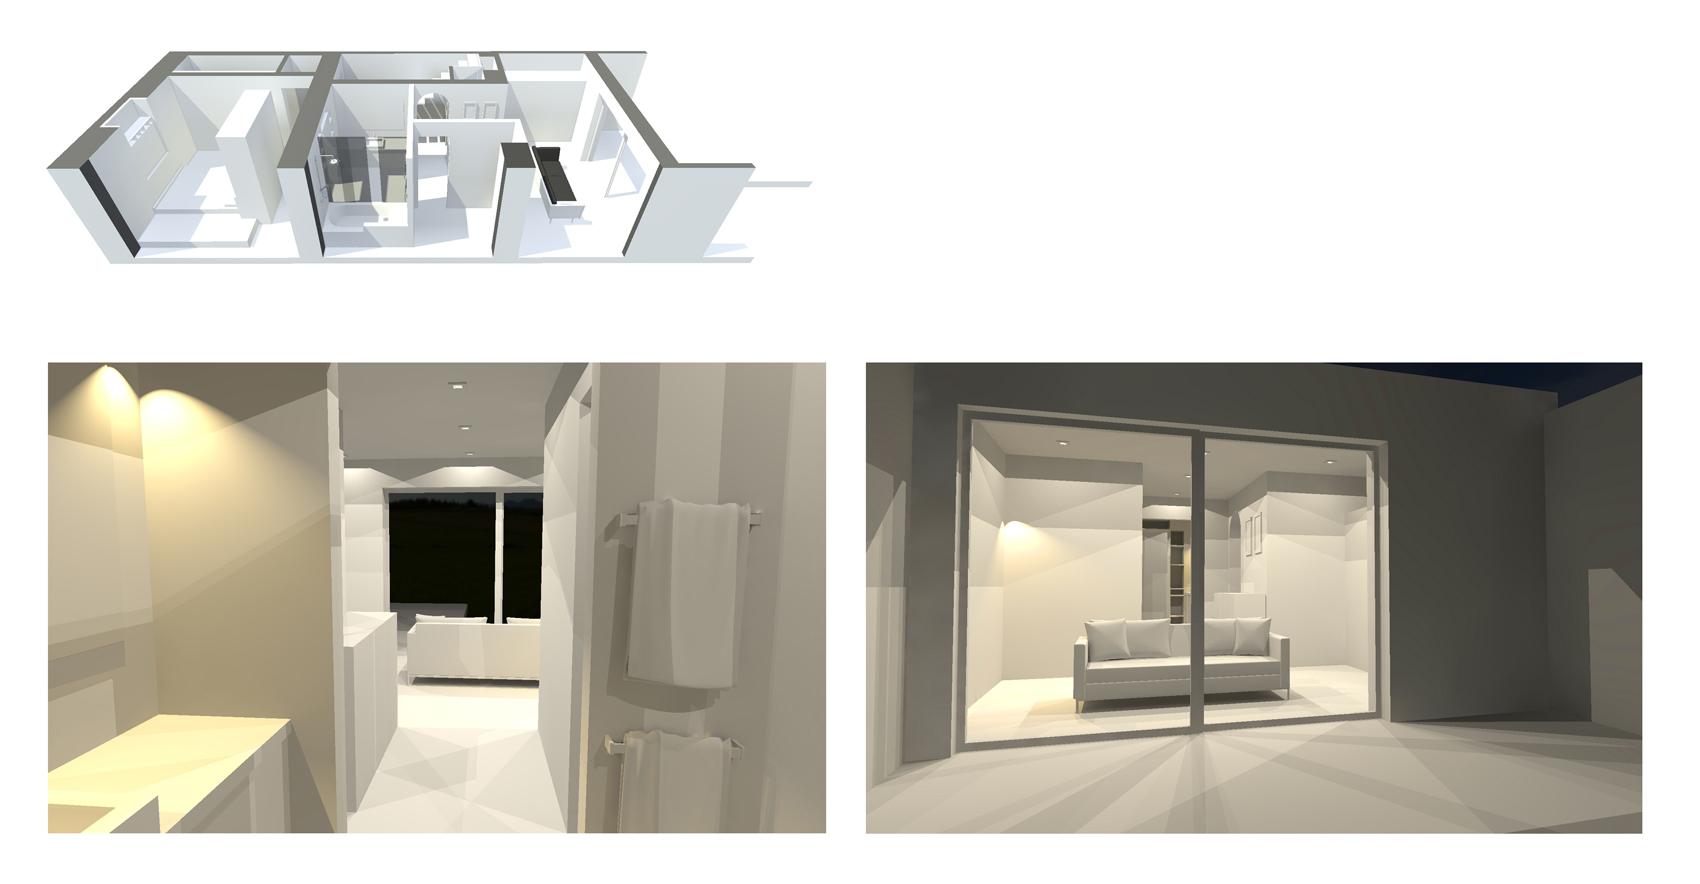 arkendai-lumière-sm-1700-entre-étage